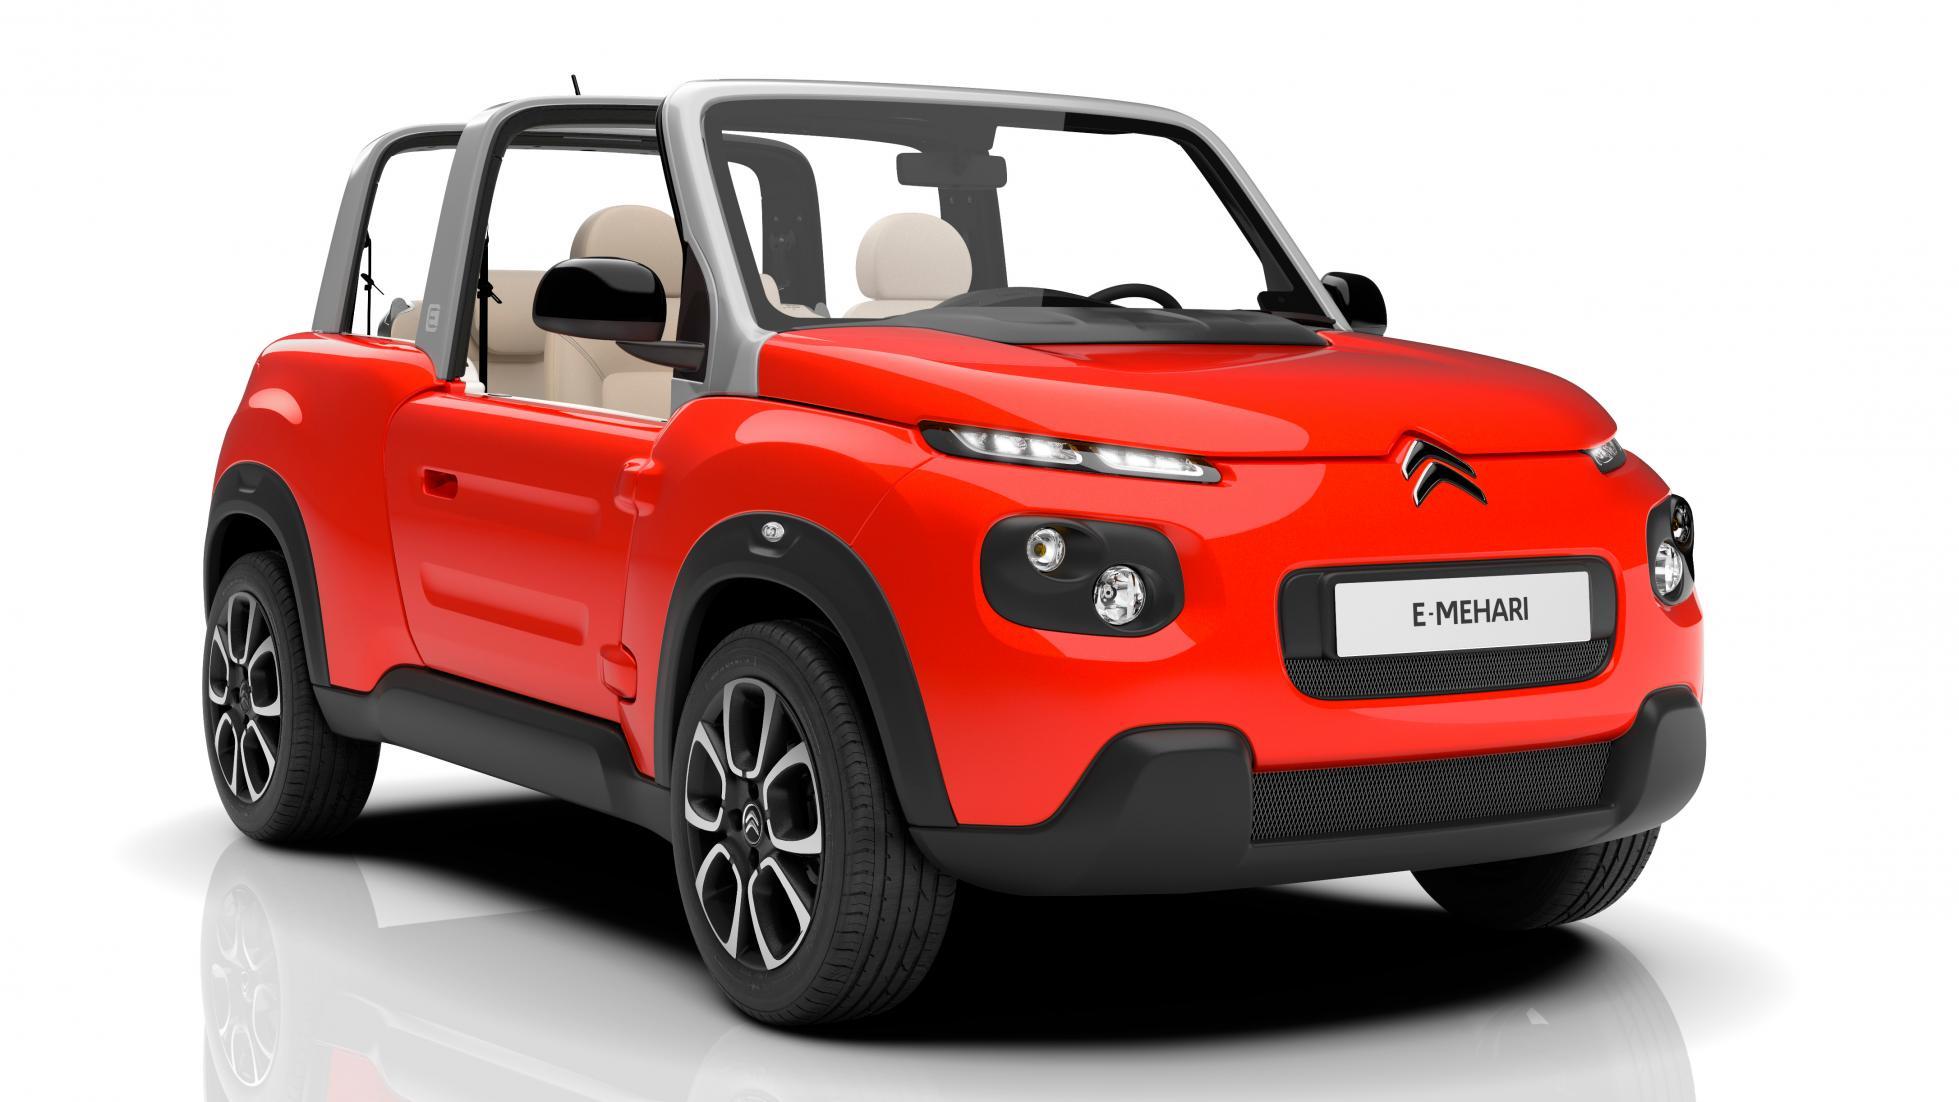 صور سياره سيتروين الكهربائية 2016 - اسعار سياره سيتروين الكهربائية E-Mehari